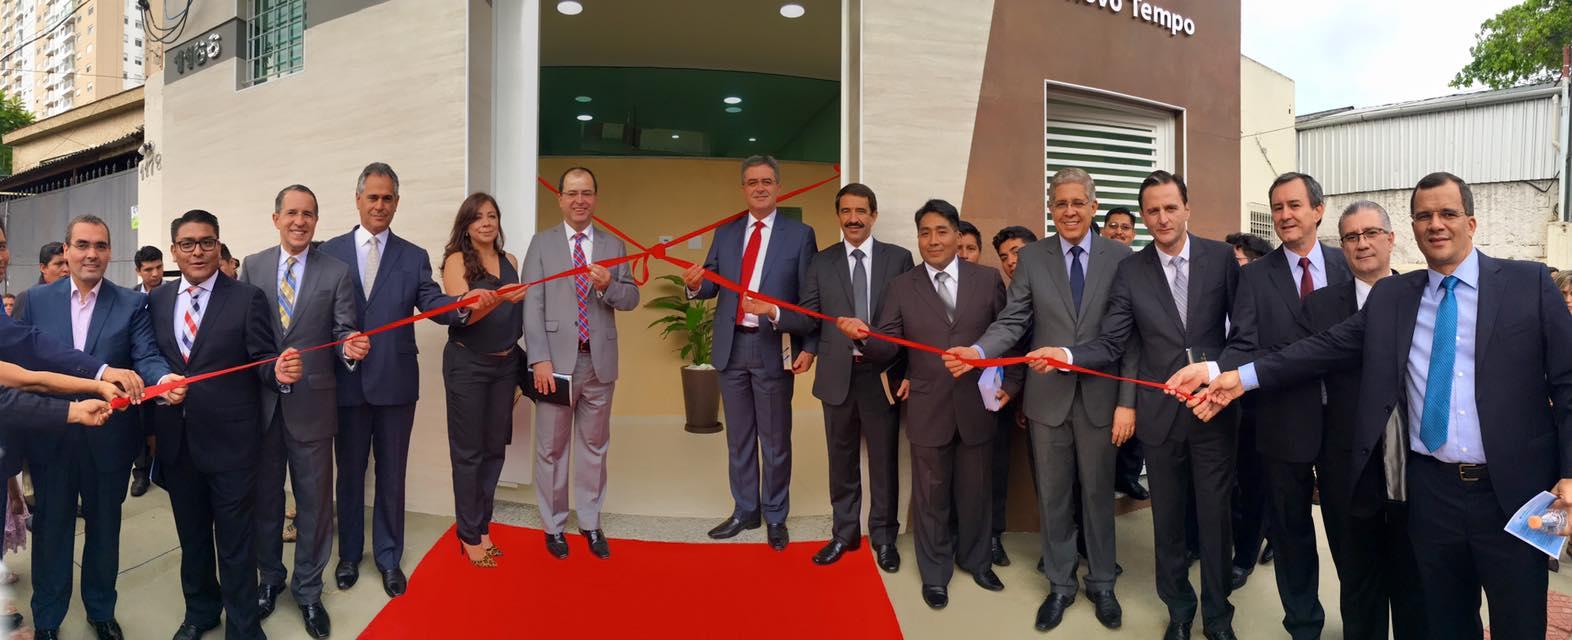 Administradores da Igreja, CPB e Nuevo Tiempo inauguram oficialmente o templo.